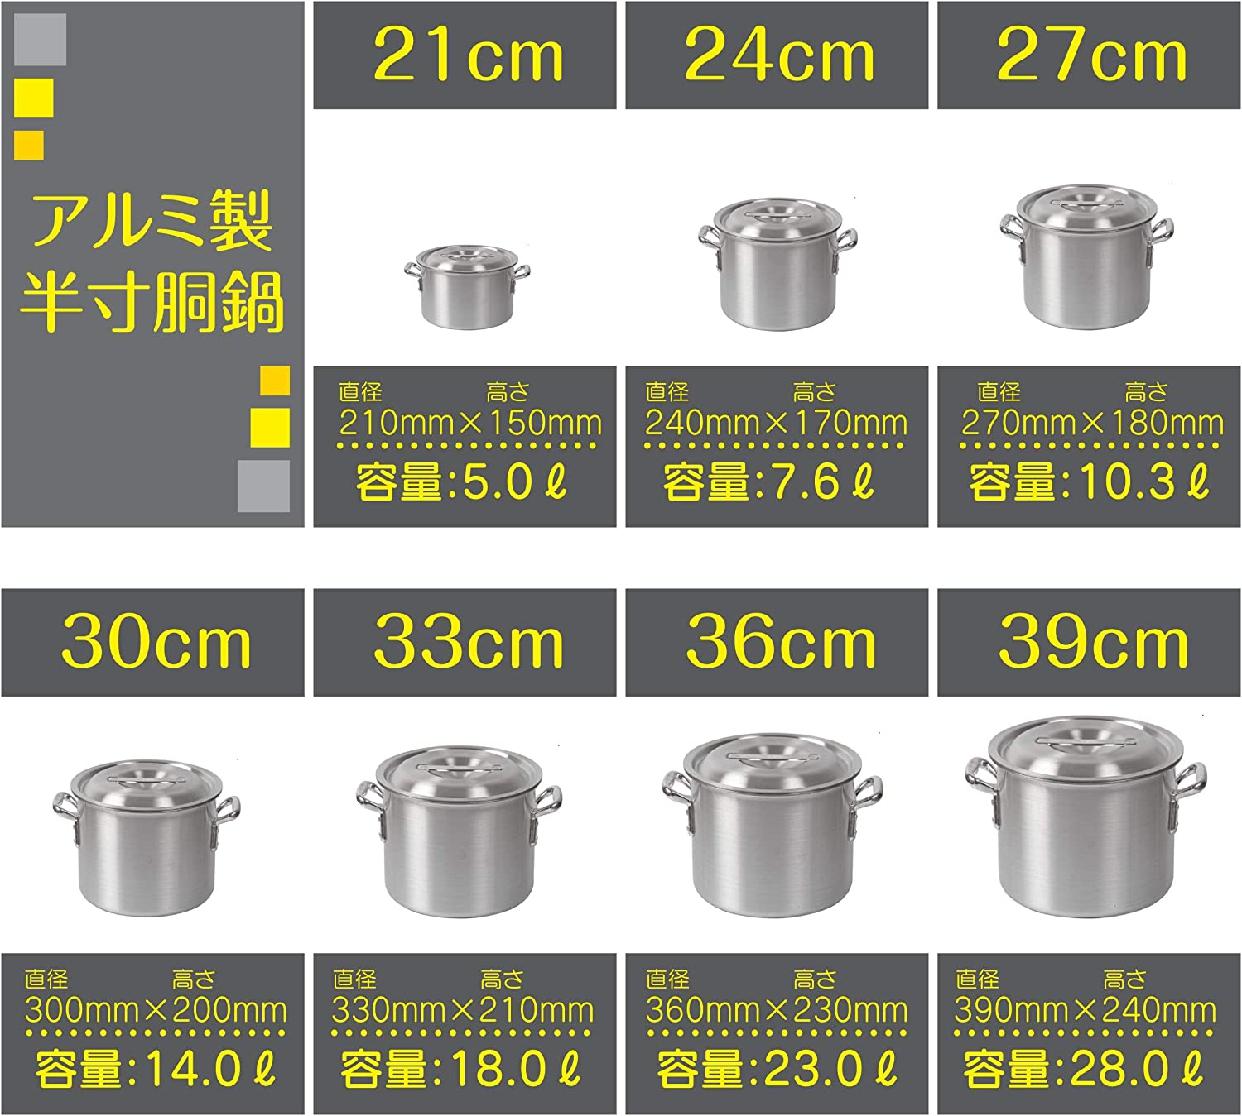 ハイスト アルミ製半寸胴鍋 24cm蓋有 FH82100Fの商品画像5